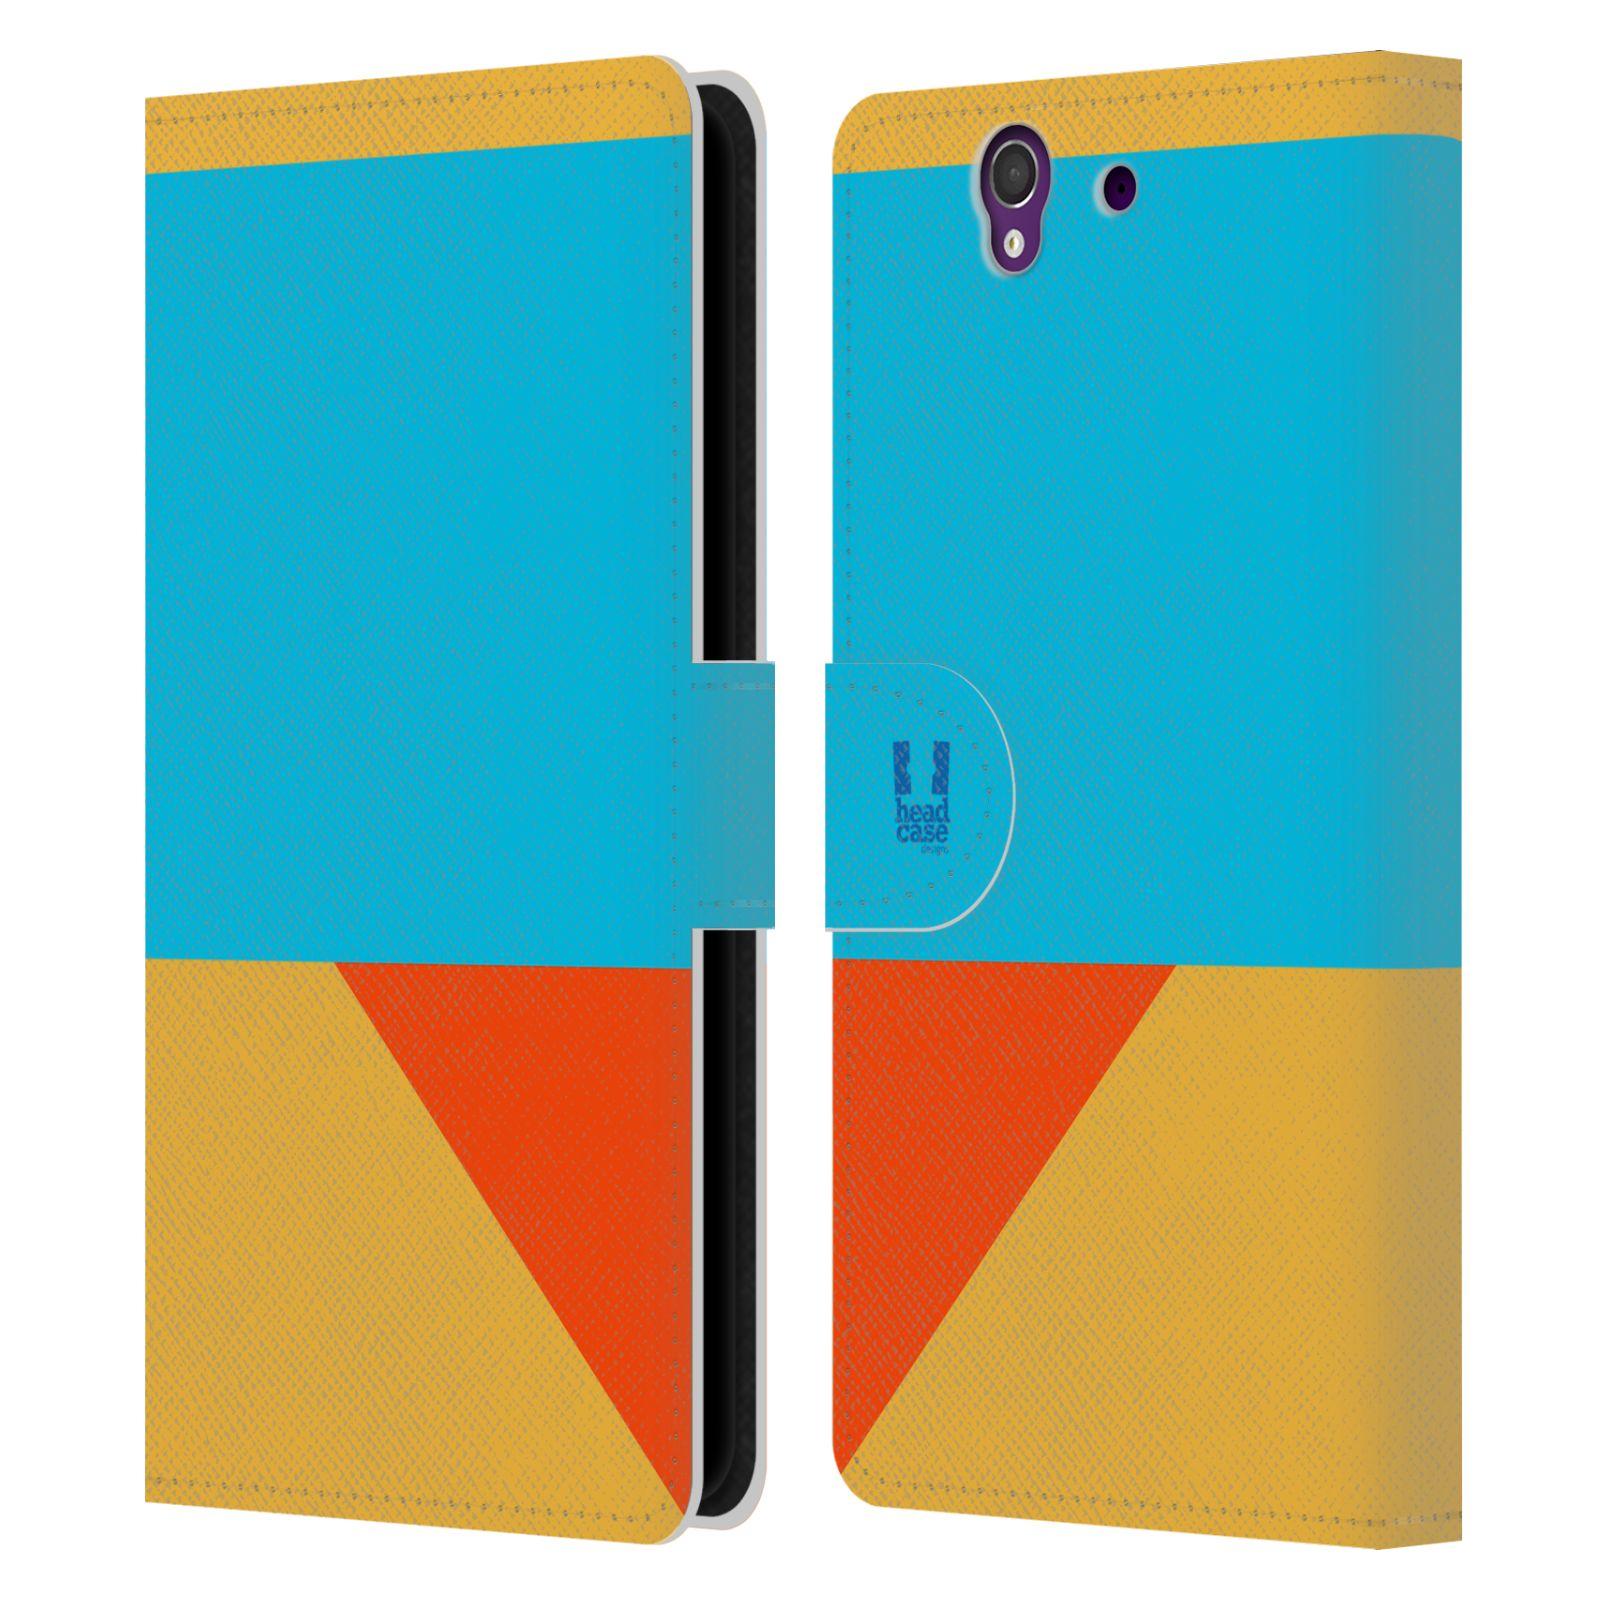 HEAD CASE Flipové pouzdro pro mobil SONY Xperia Z barevné tvary béžová a modrá DAY WEAR